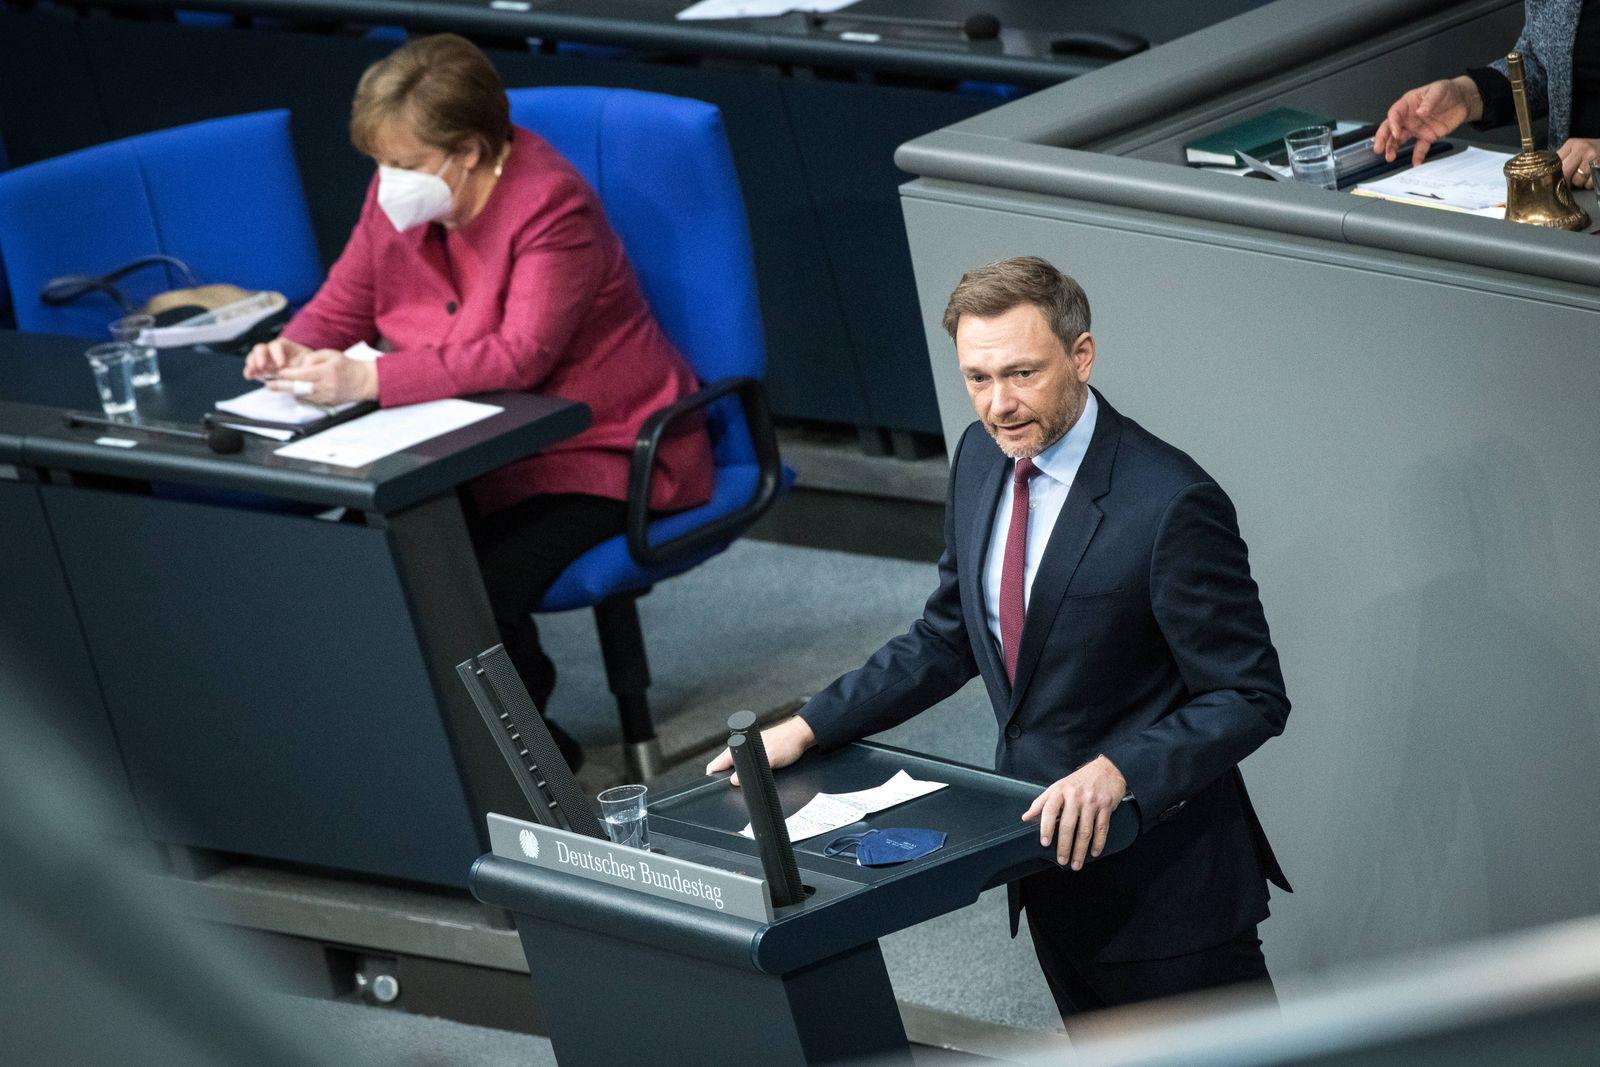 Bundeskanzlerin Angela Merkel (CDU) und der Bundesvorsitzende der FDP, Christian Lindner, am 16. April 2021 im Bundestag